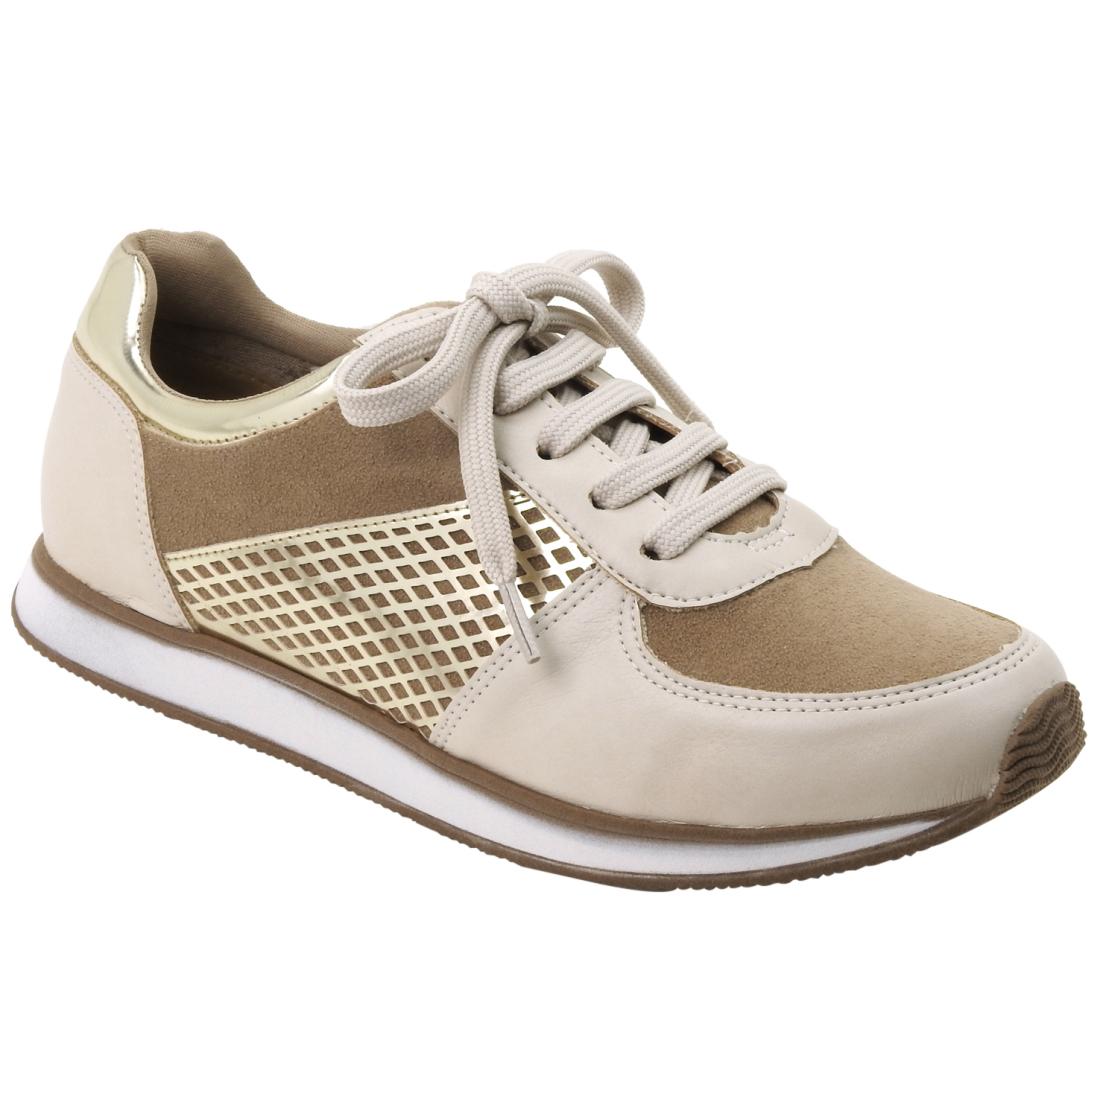 16-12502-OFF-WHITE-GENGIBRE-DOURADO Moda de rua: Tenis e sapatos Metalizados